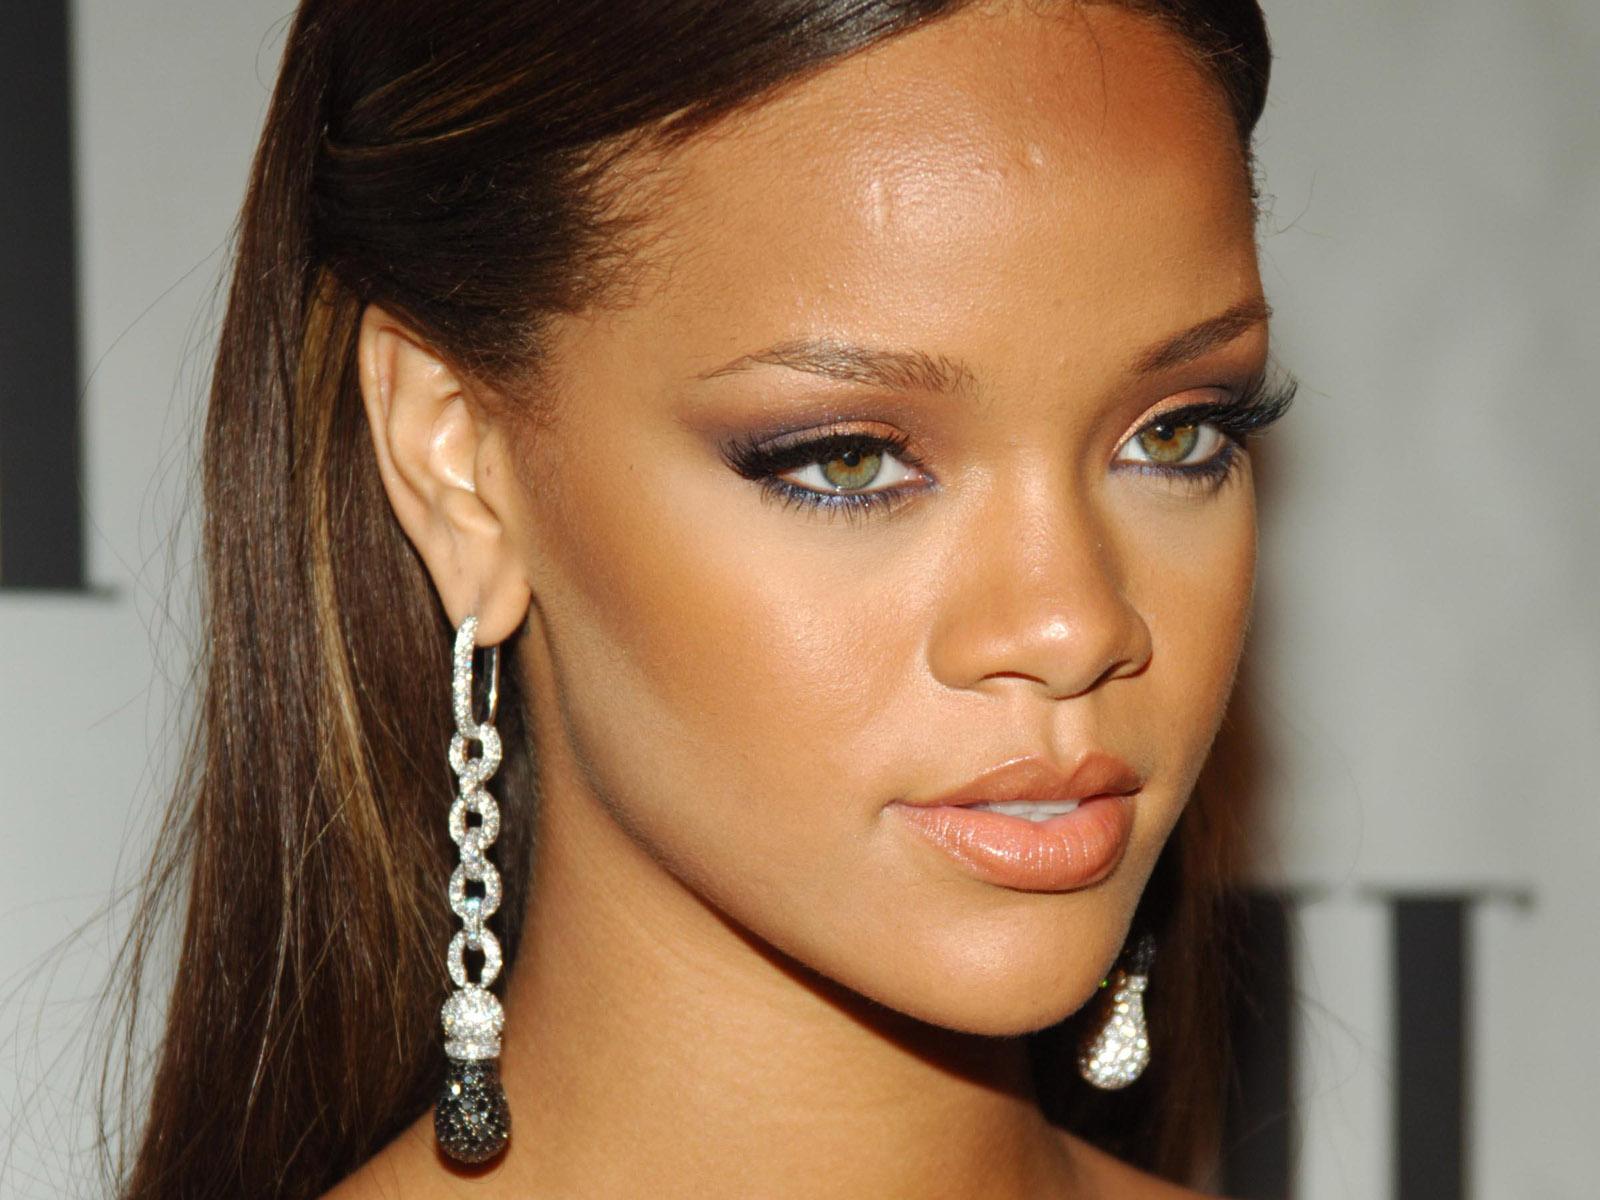 http://2.bp.blogspot.com/-wJaN1s5xPUs/T578NJvEAPI/AAAAAAAACOQ/LIoEc-psZKU/s1600/Rihanna+wallpapers+2.jpg